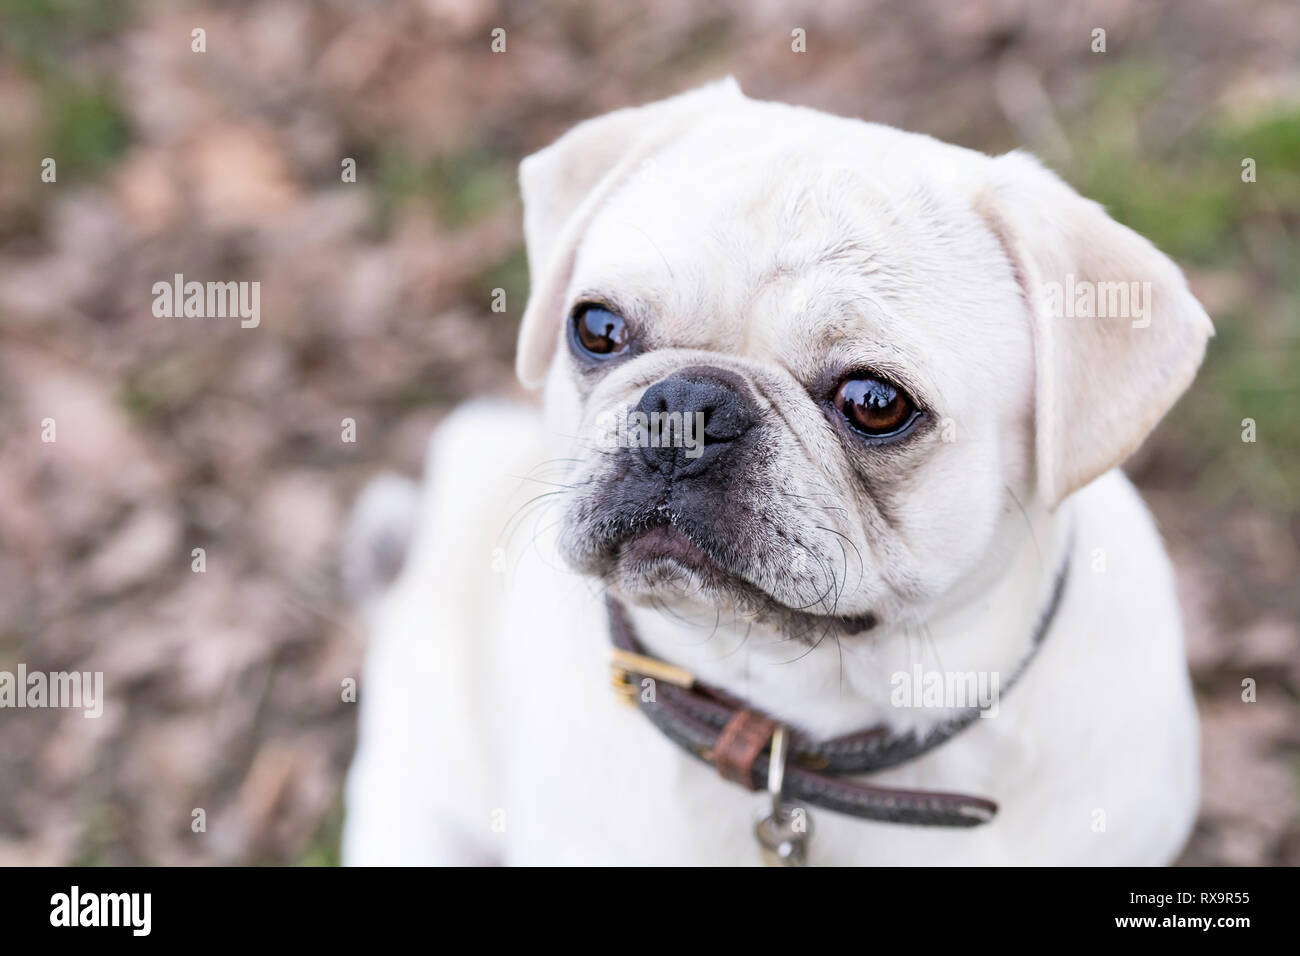 a cute pug dog looking up at camera - Stock Image